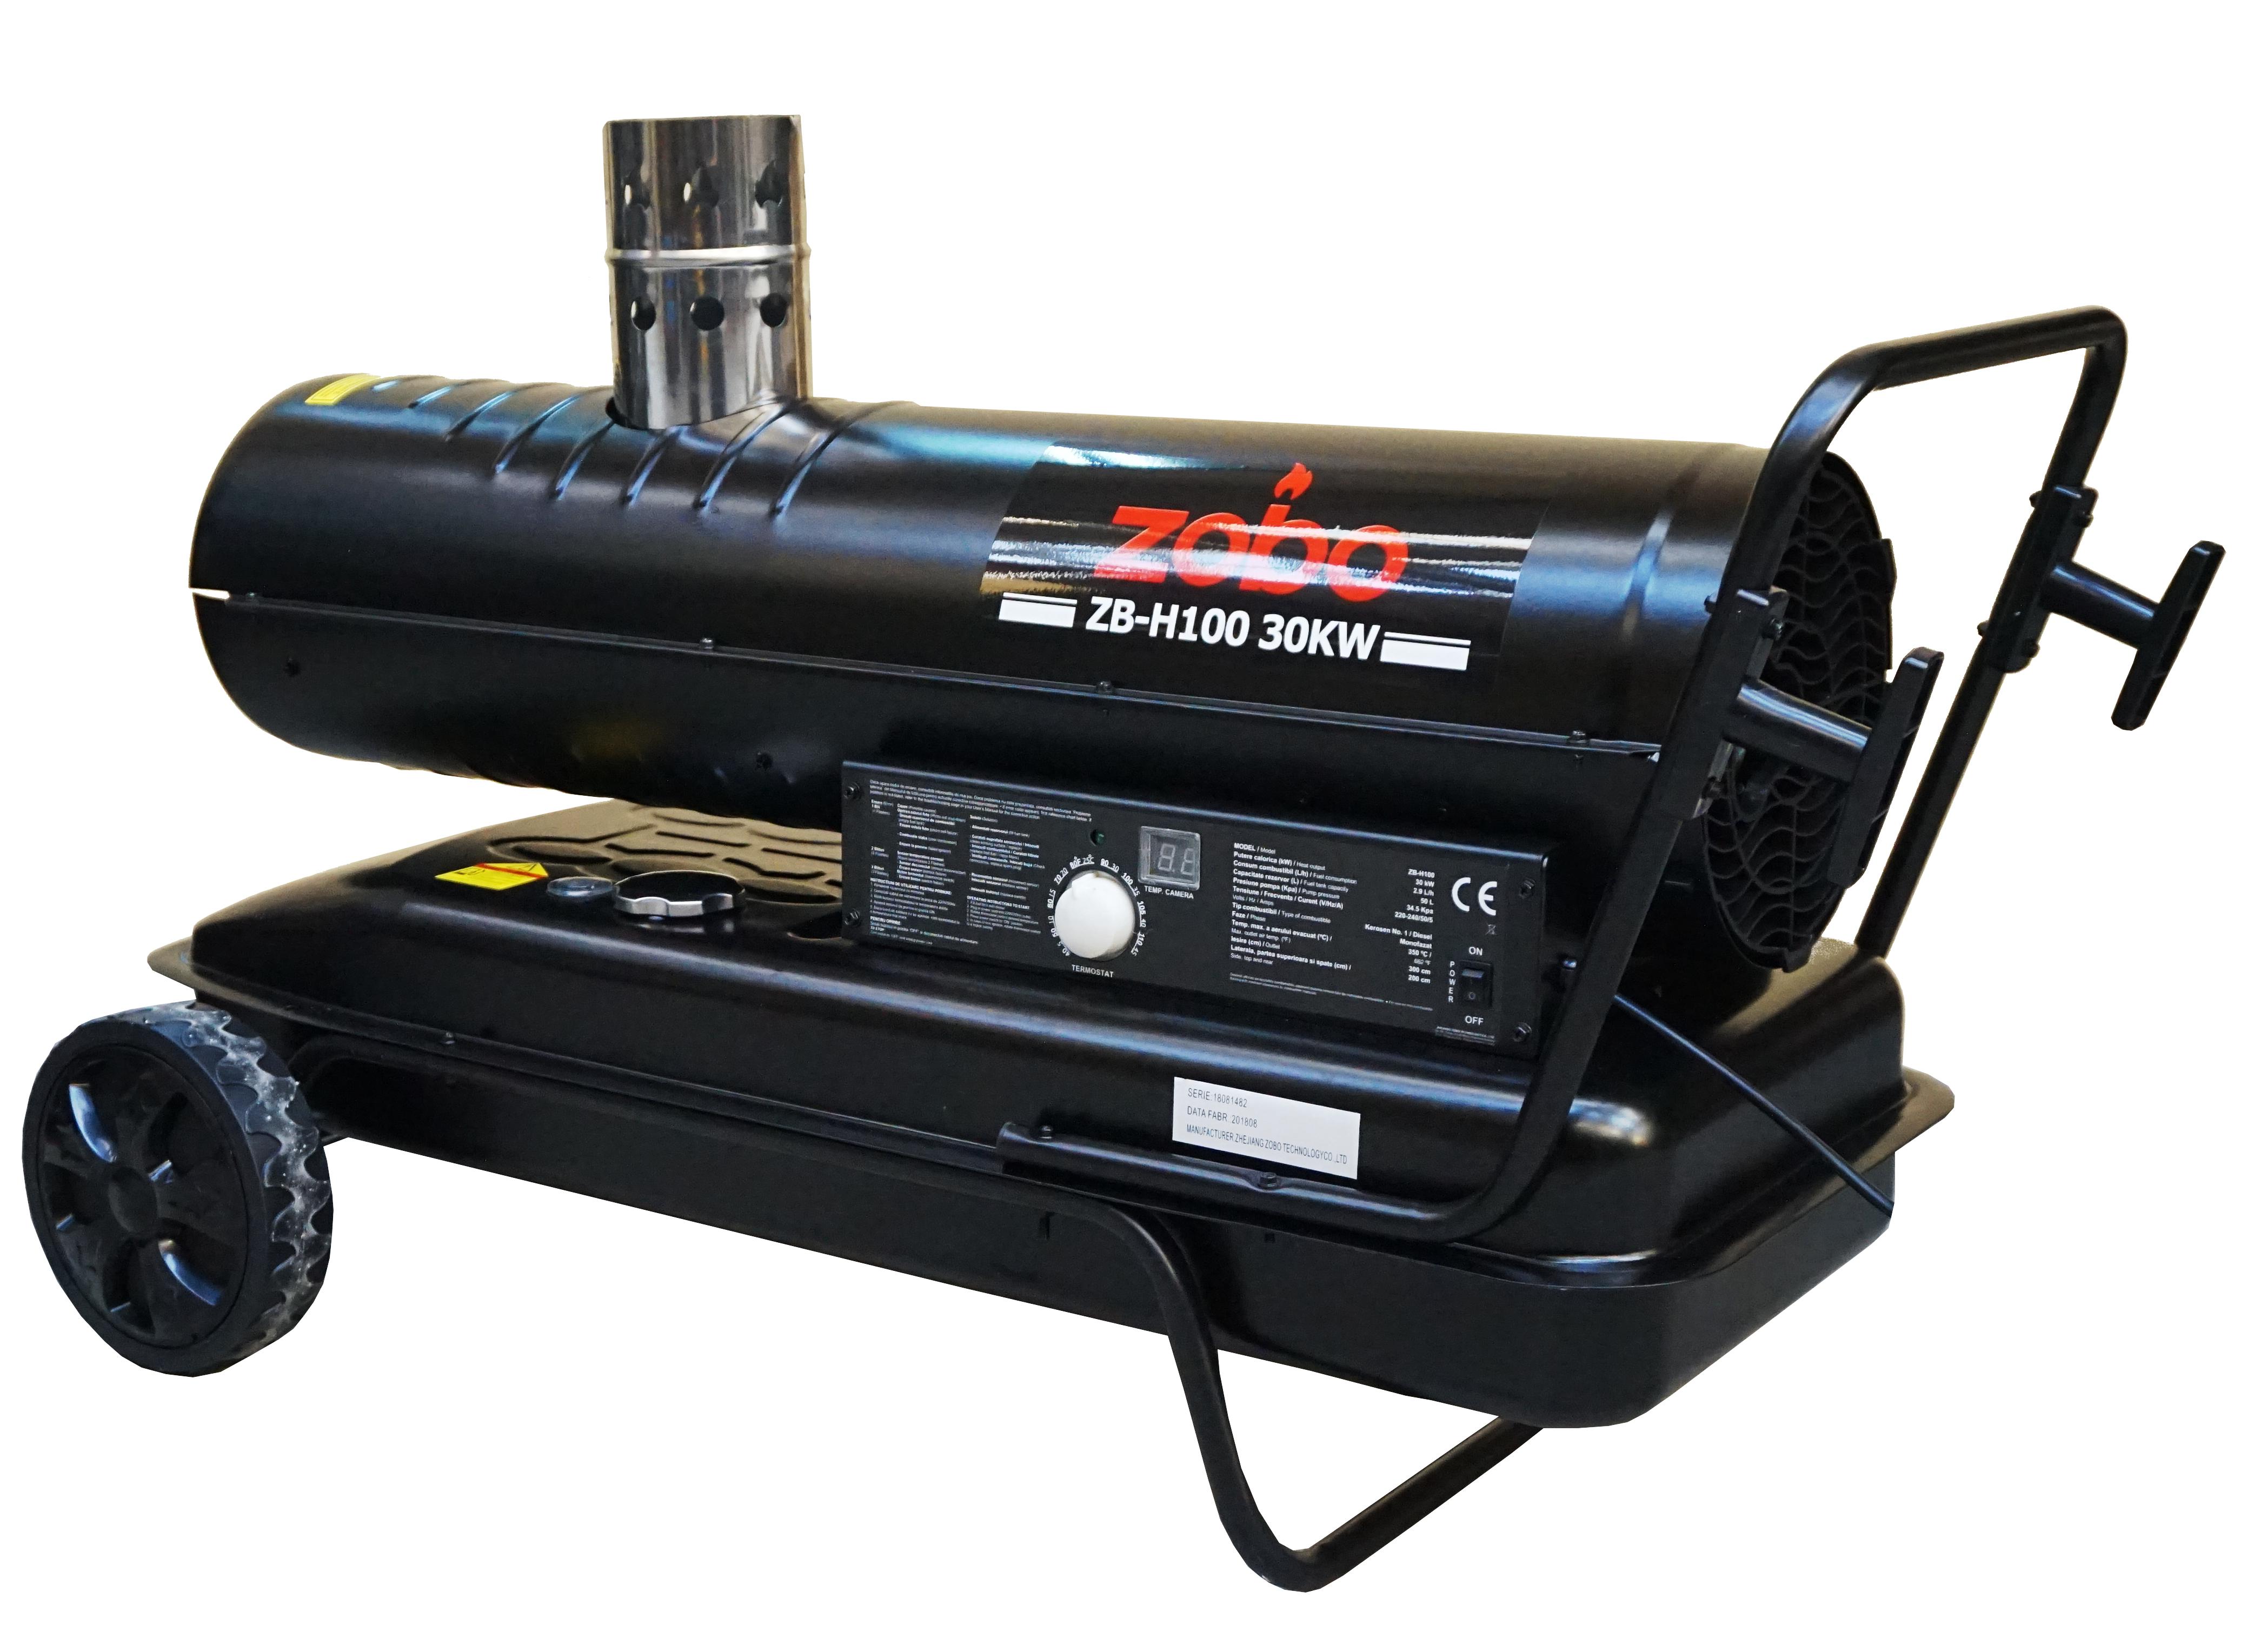 Zobo ZB-H100 Tun de aer cald, ardere indirecta, 30kW [0]